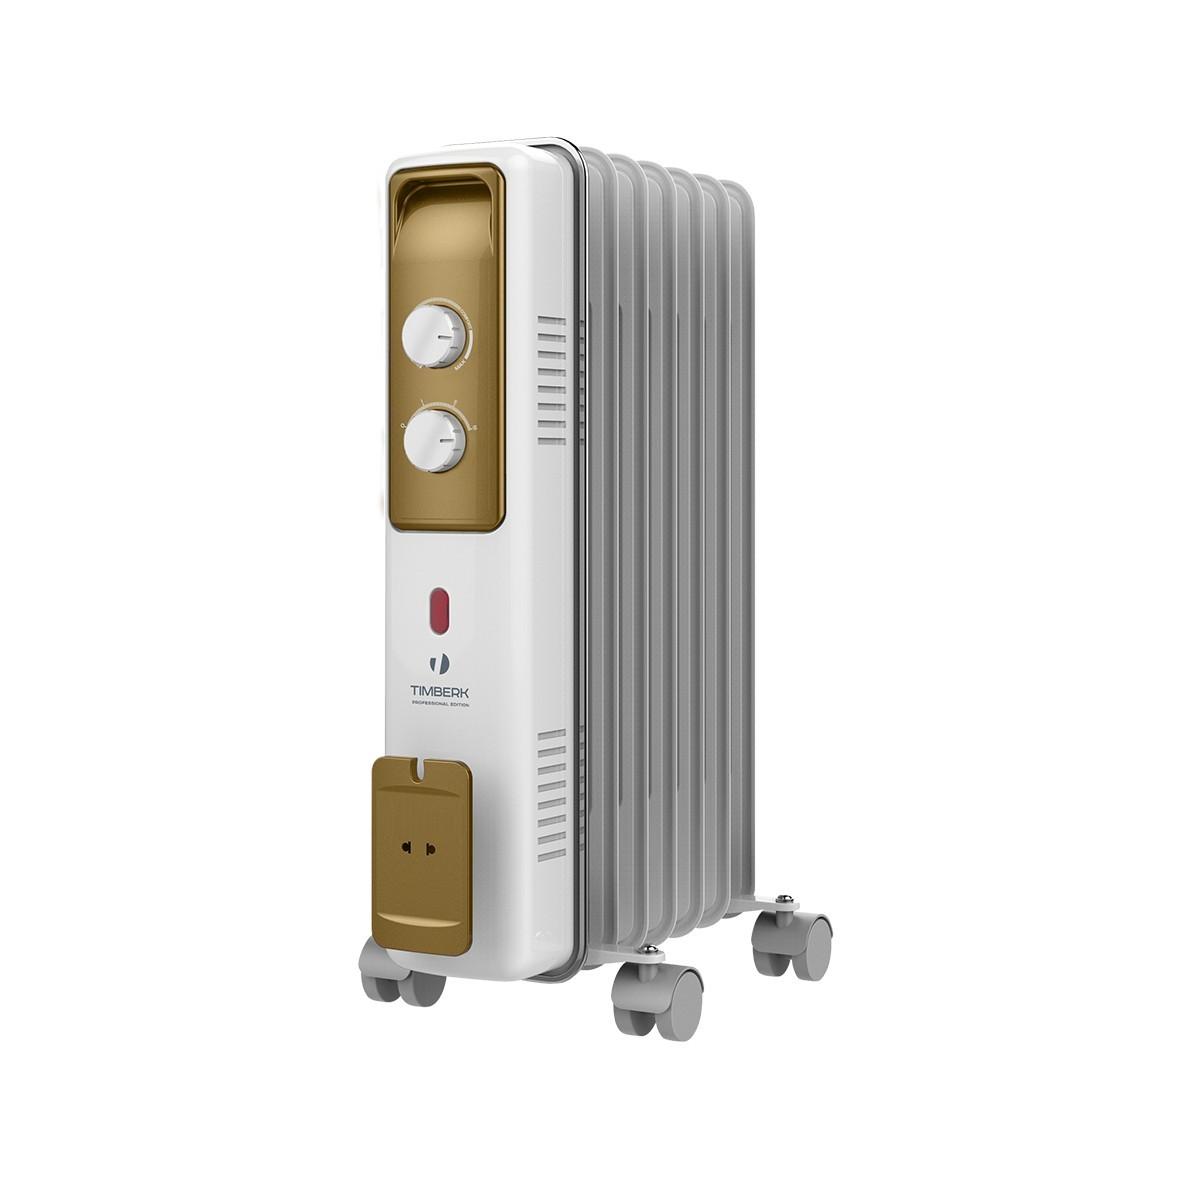 Масляный радиатор Timberk TOR 21.1507 BCX, 7 секций, 1500 Вт., защита от протечек масла, высокоточный термостат